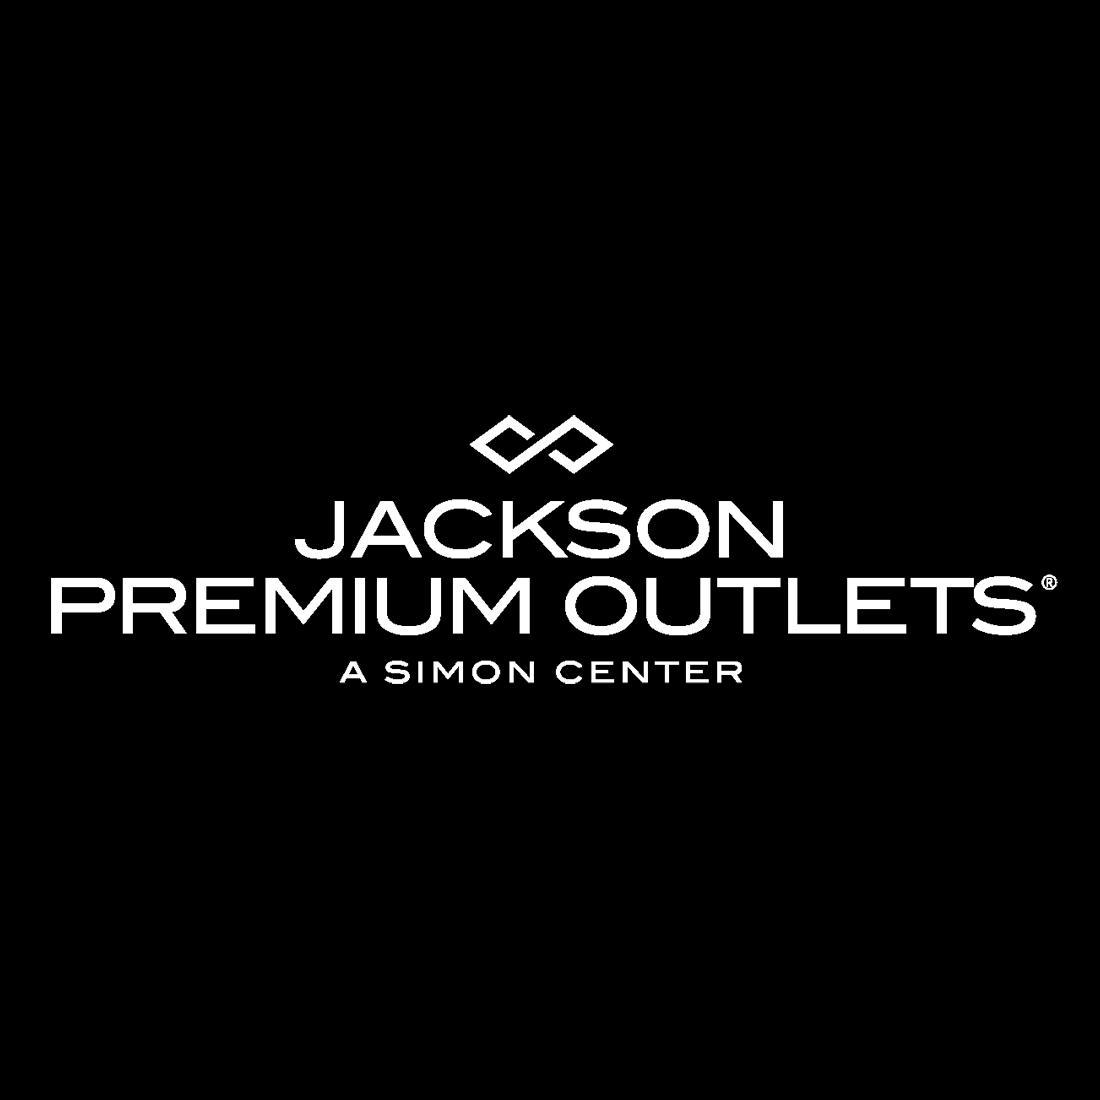 Jackson Premium Outlets